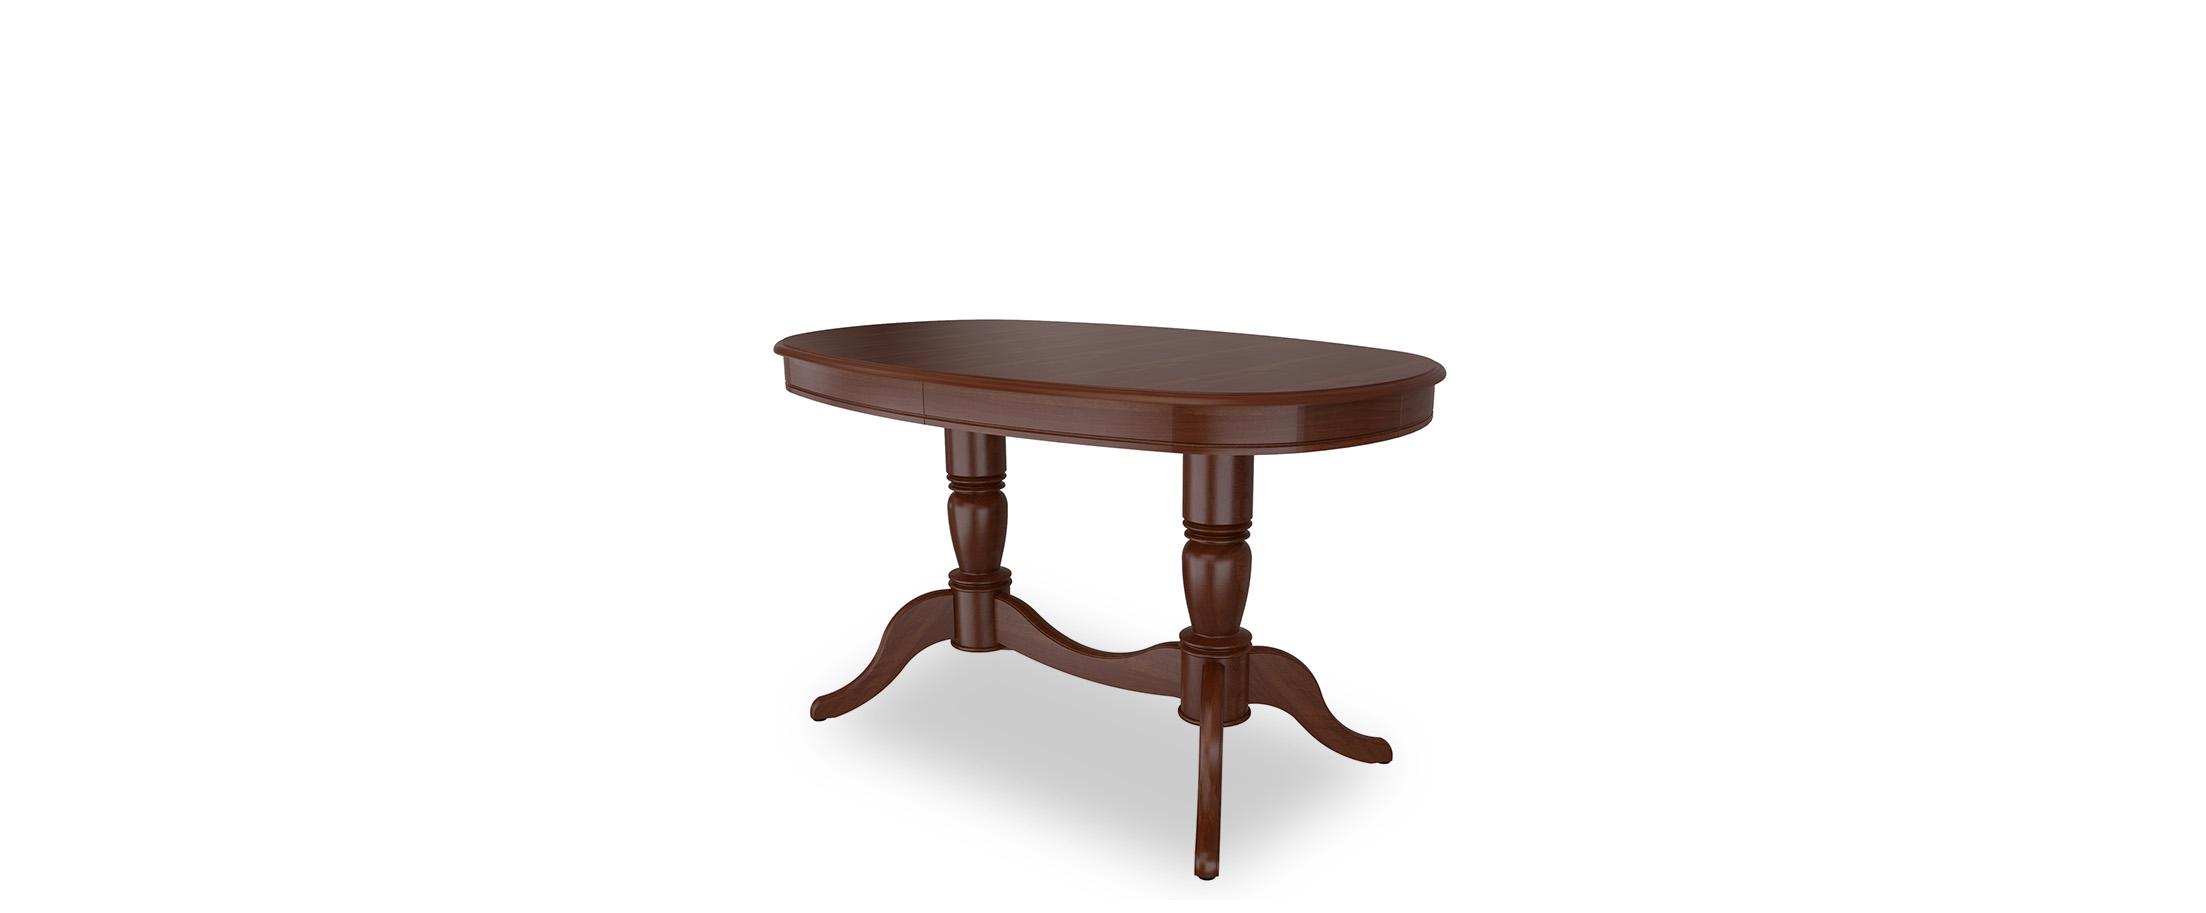 Стол обеденный Фламинго 9 Тёмный орех Модель 370Ножки стола из массива дерева, столешница из шпона МДФ. Не образует трещин, идеально сохраняет компактную овальную форму. Гарантия 18 месяцев. Доставка от 1 дня. Артикул: Д000131.<br>